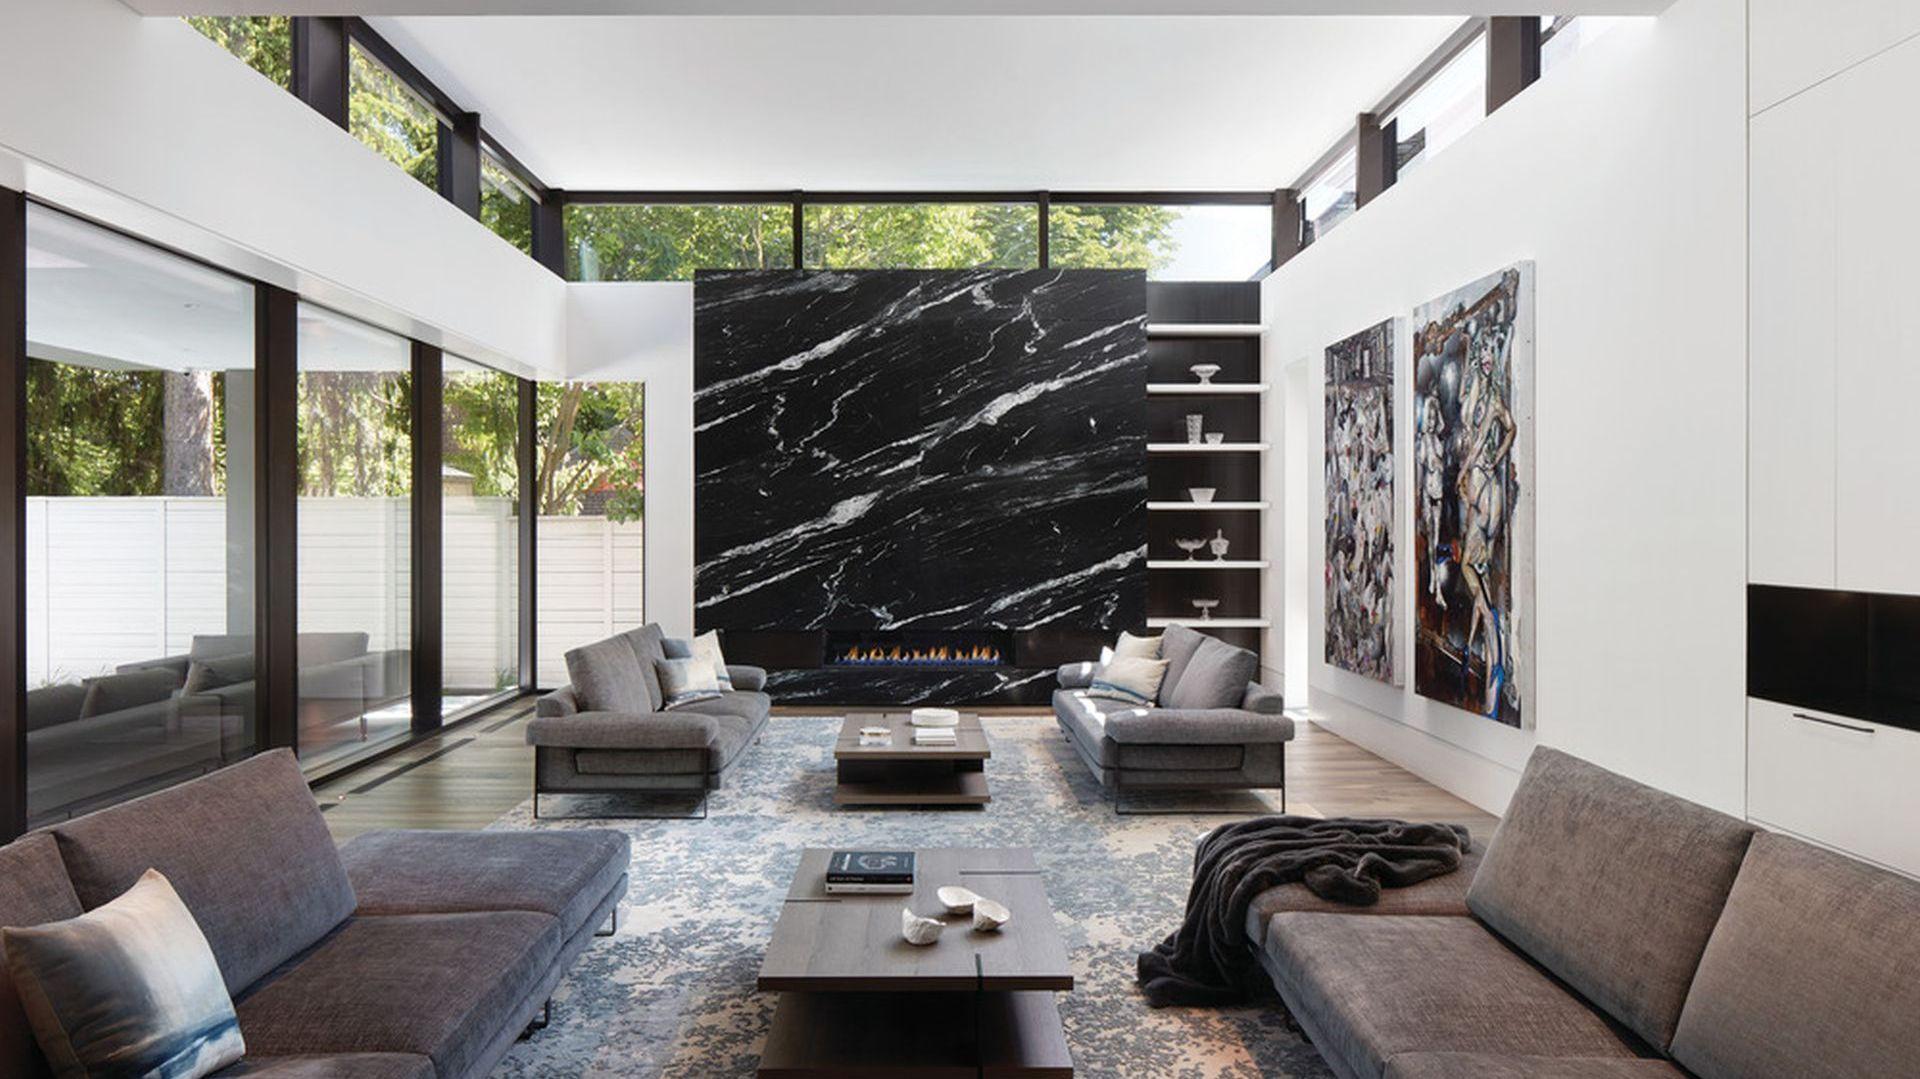 W salonie prawdziwą gwiazdą jest ściana z kominkiem, z pięknym rysunkiem kamienia. Projekt: Taylor Smyth Architects, projekt wnętrza: Cecconi Simone. Fot. Studio Shai Gil